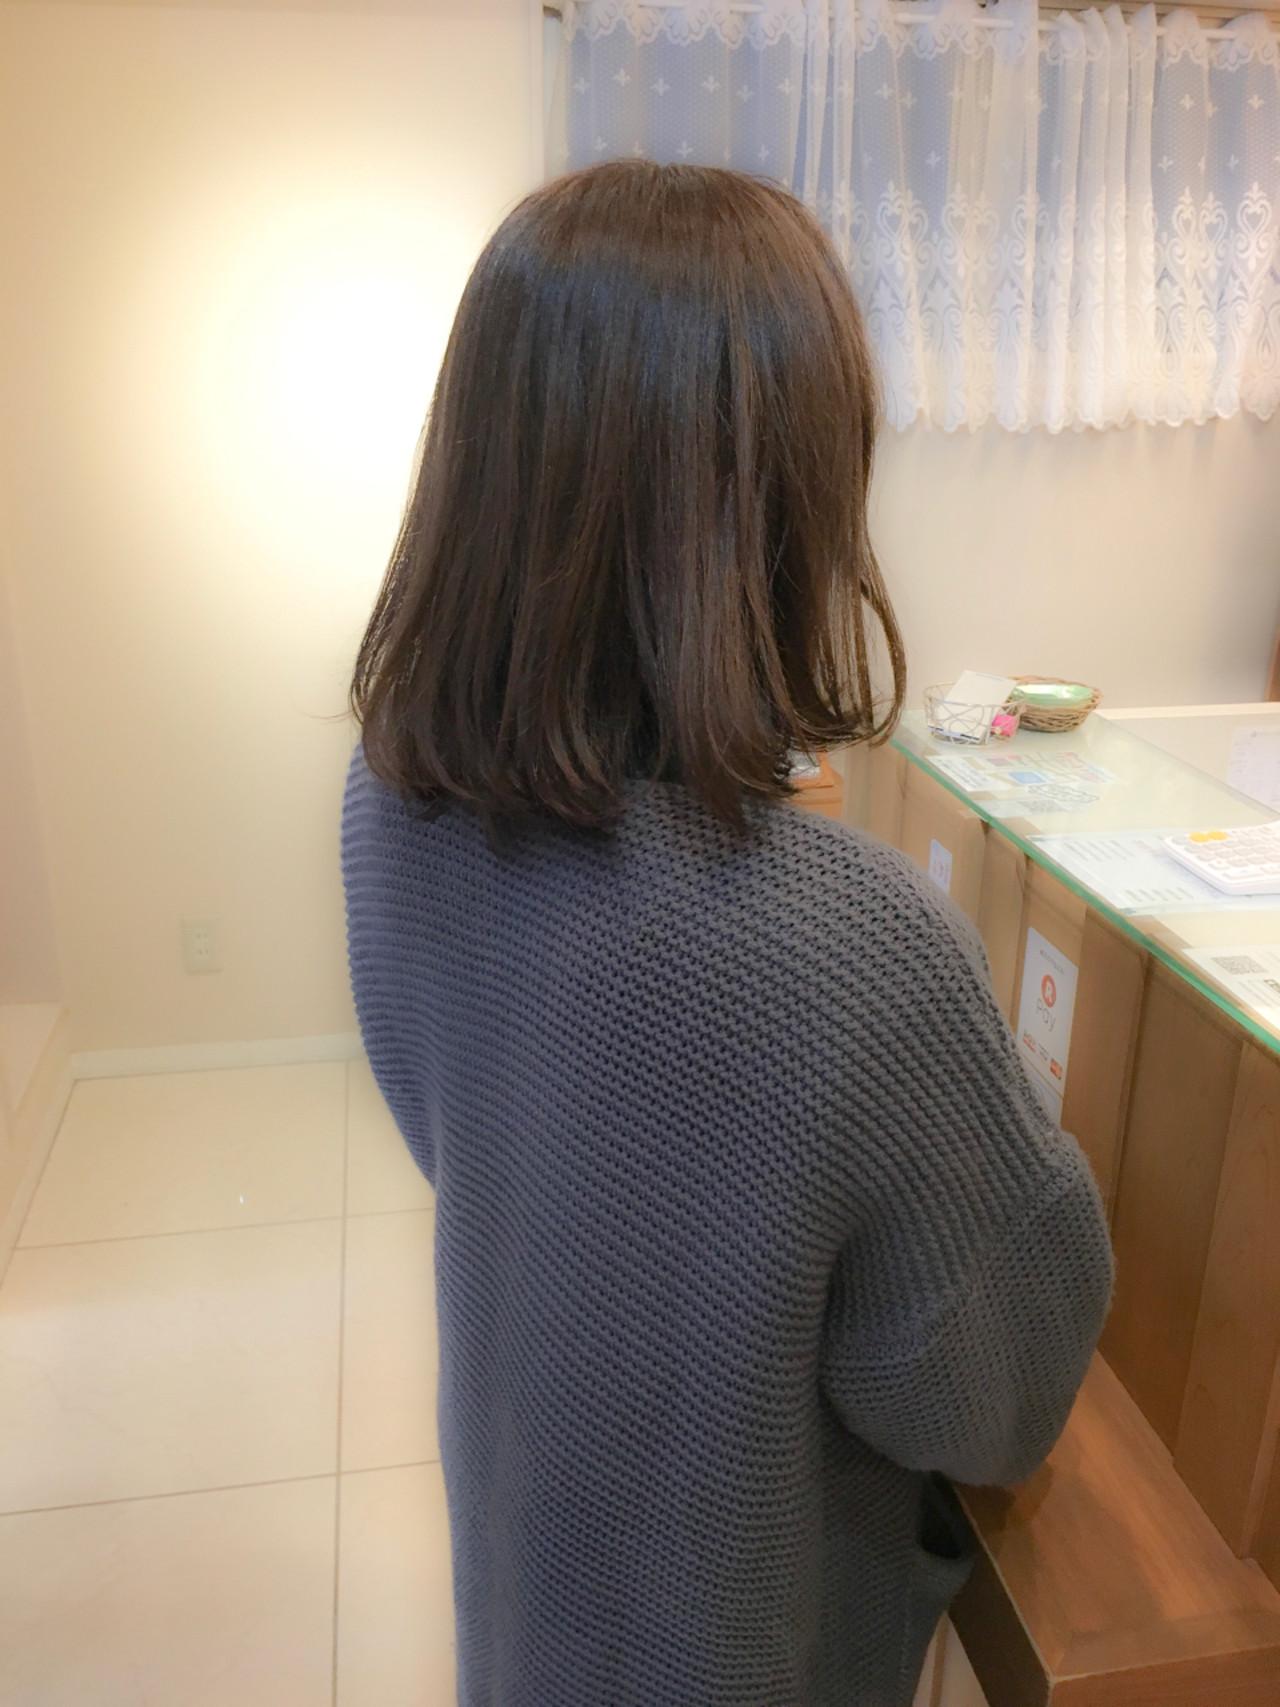 透明感 ナチュラル フェミニン ミディアム ヘアスタイルや髪型の写真・画像 | 《町田の美容師》キタダヒロキ / Hair Frais Make